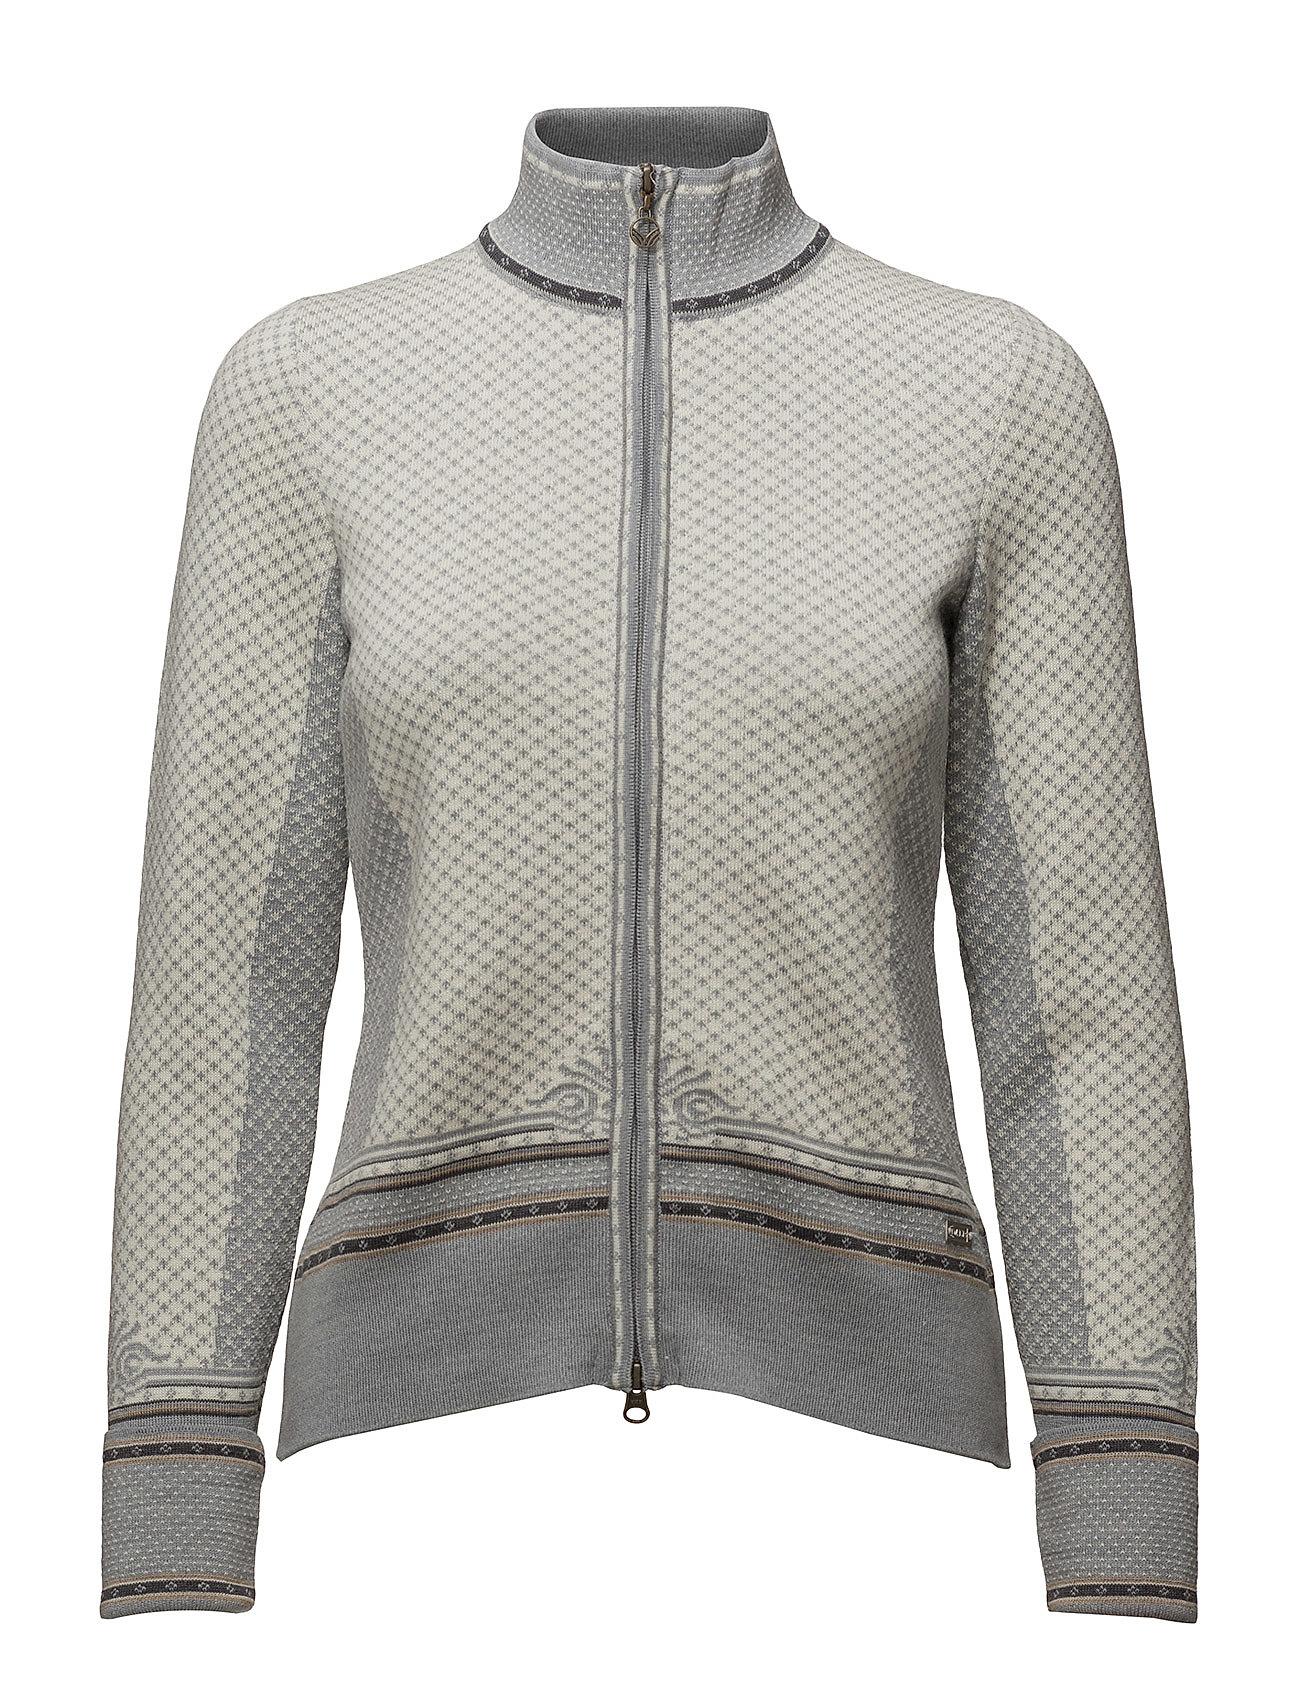 dale of norway – Viktoria feminine jacket på boozt.com dk